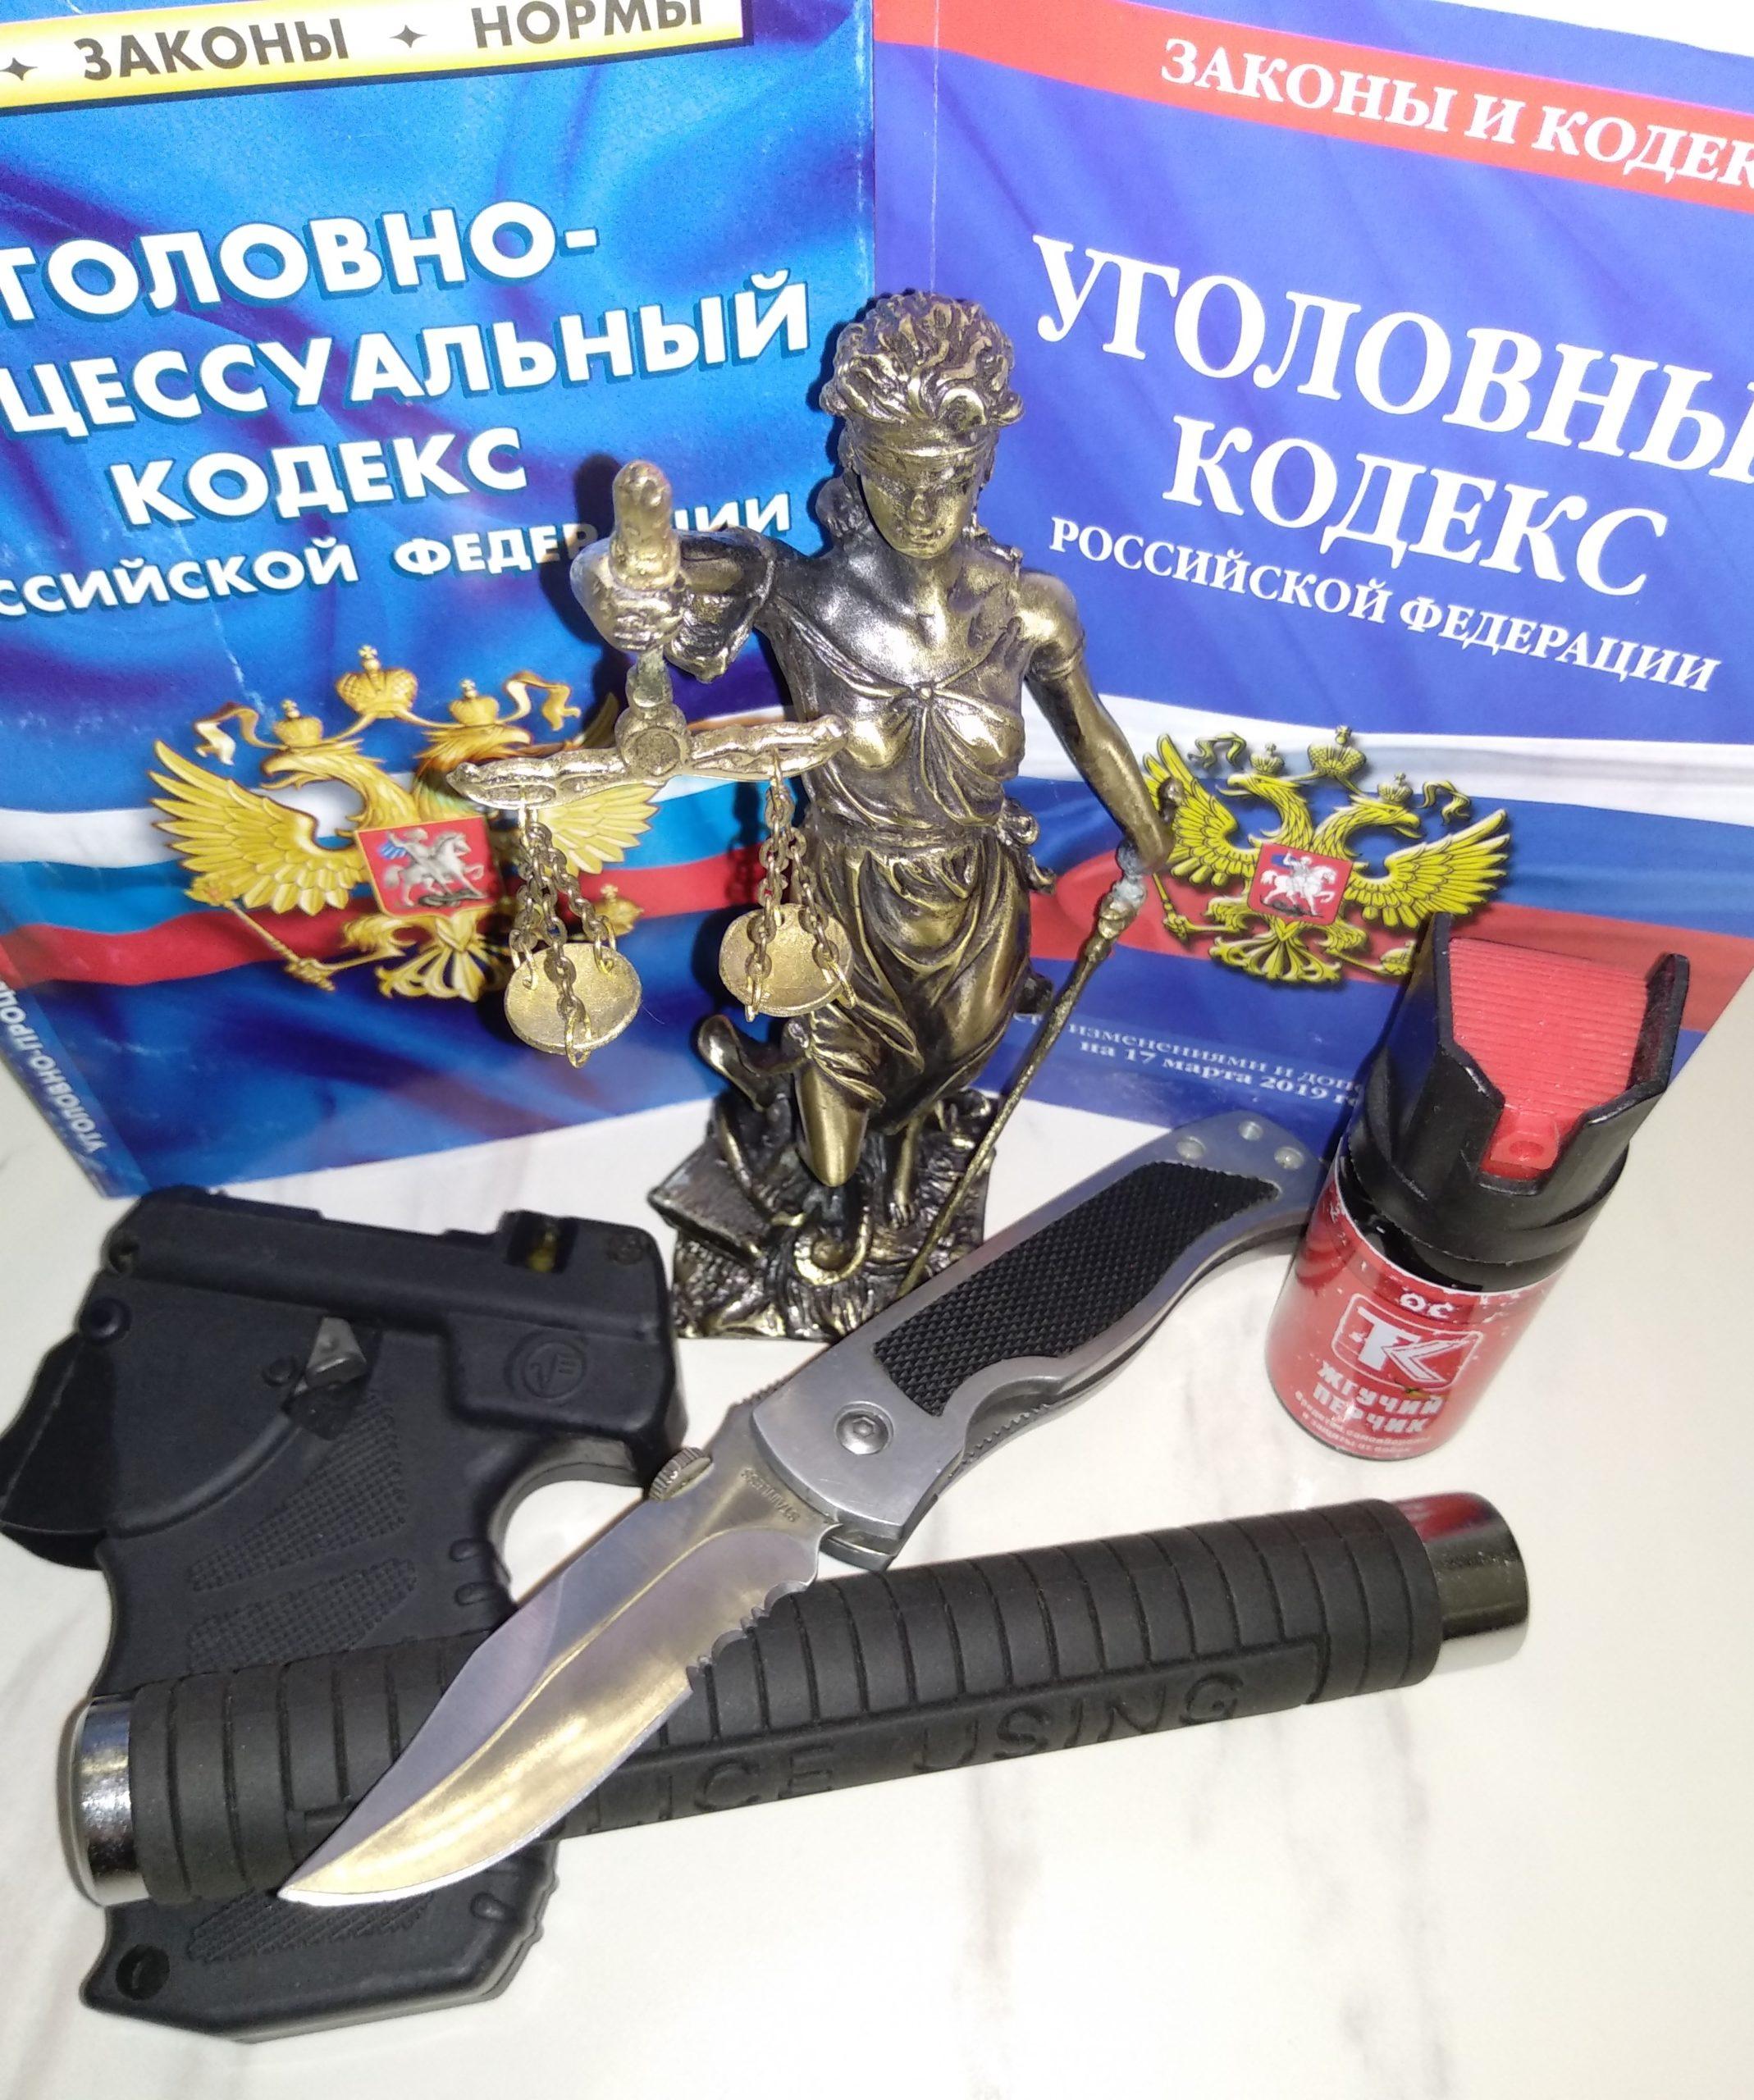 Защита по убийству при превышении необходимой обороны ст. 108 УК РФ